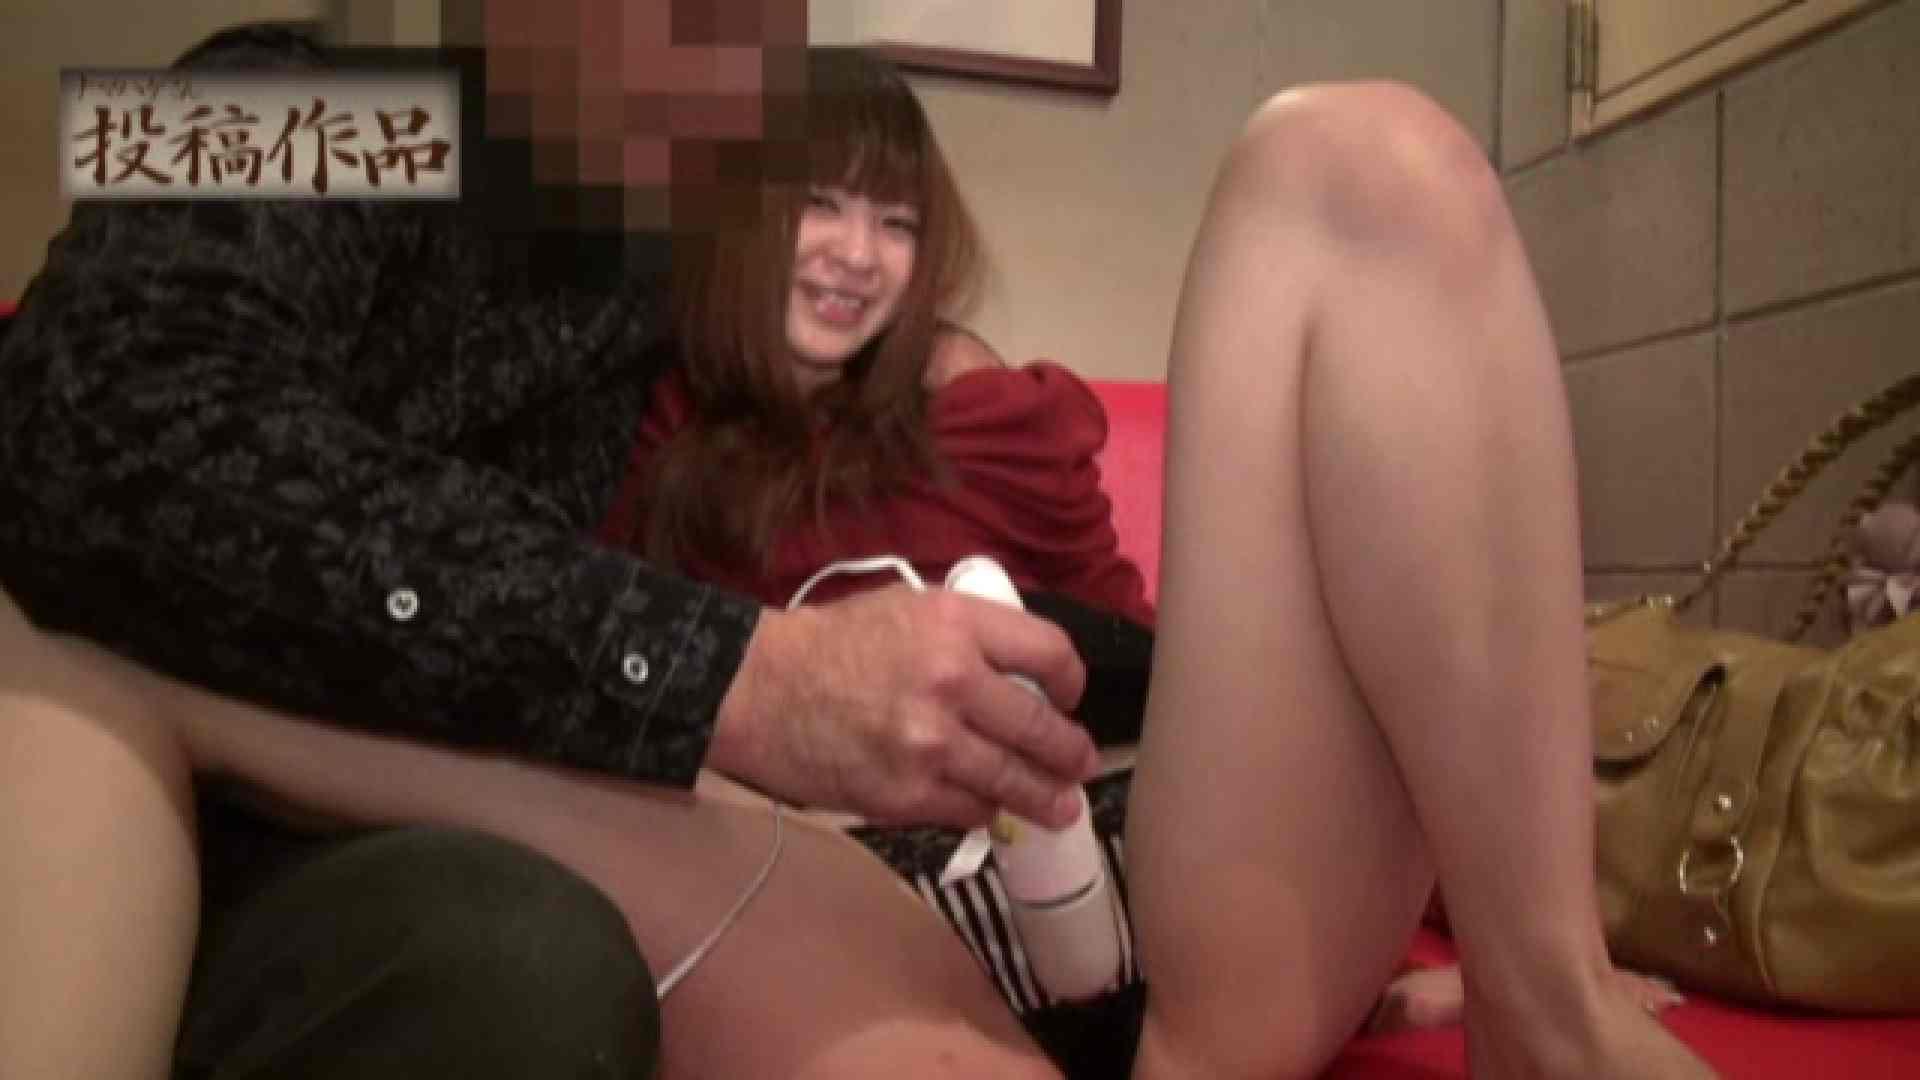 ナマハゲさんのまんこコレクション第二章 hinata 01 マンコ映像  87連発 16